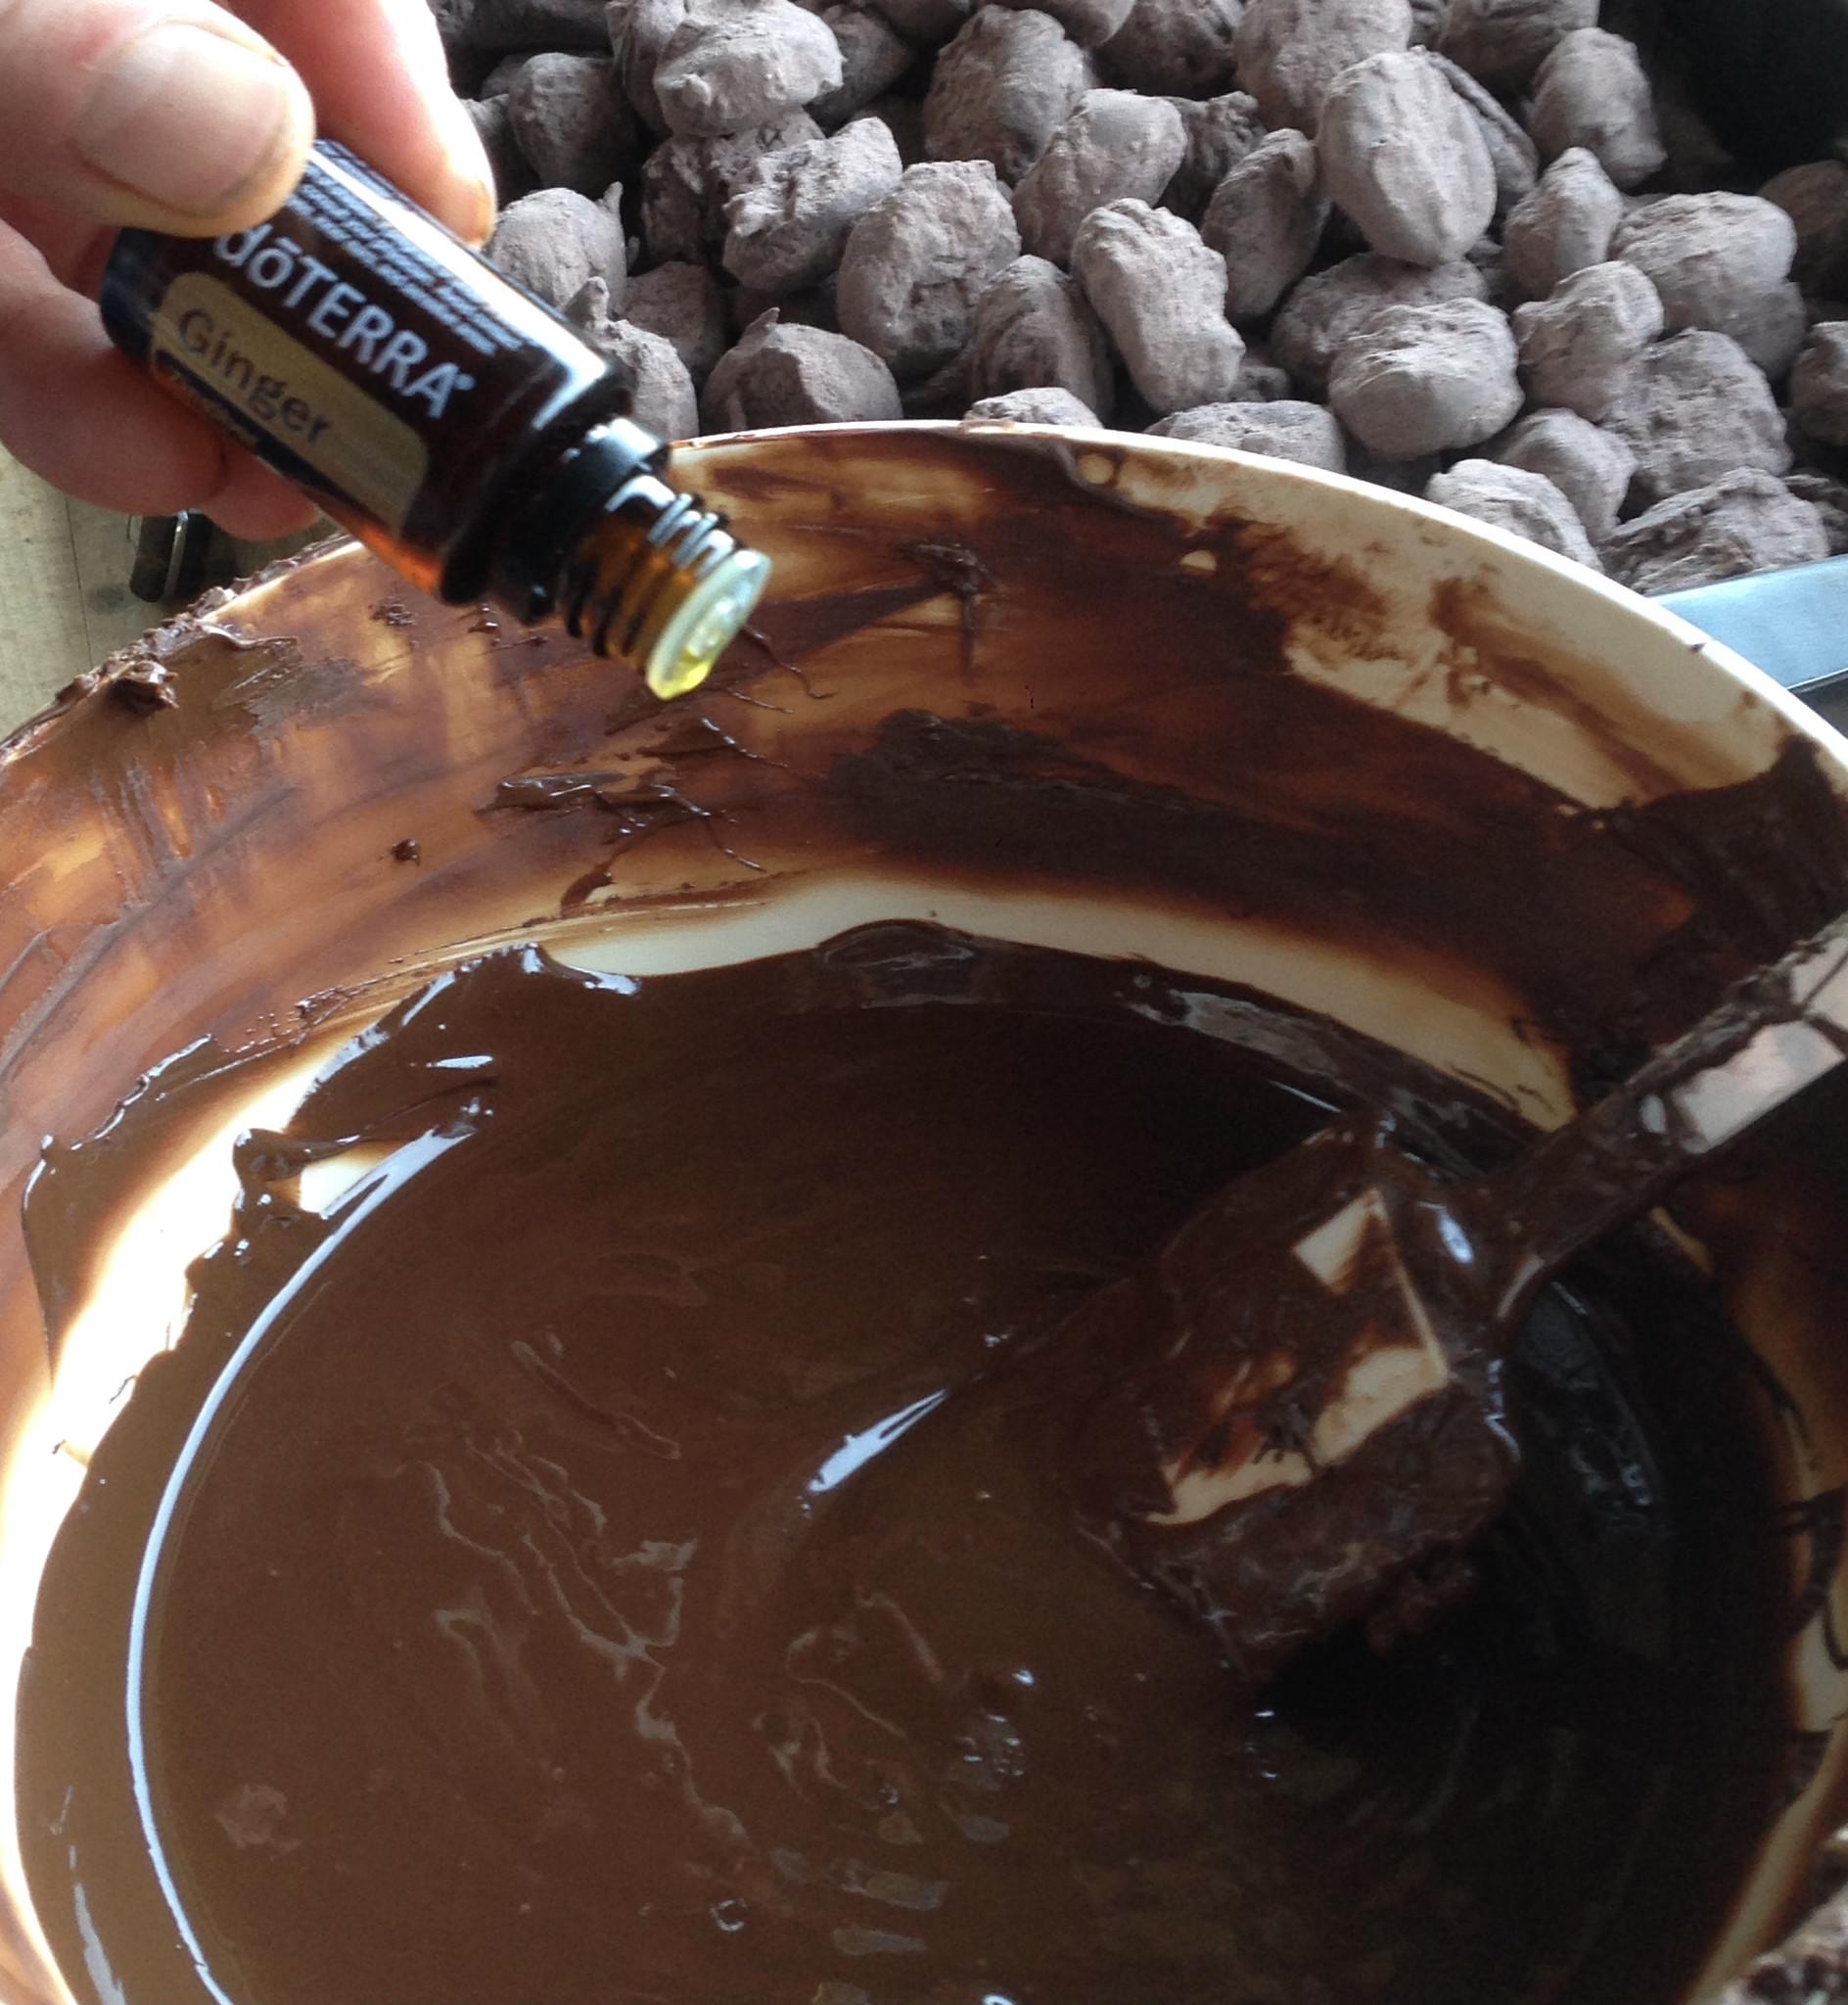 Chocolade met essentiële oliën